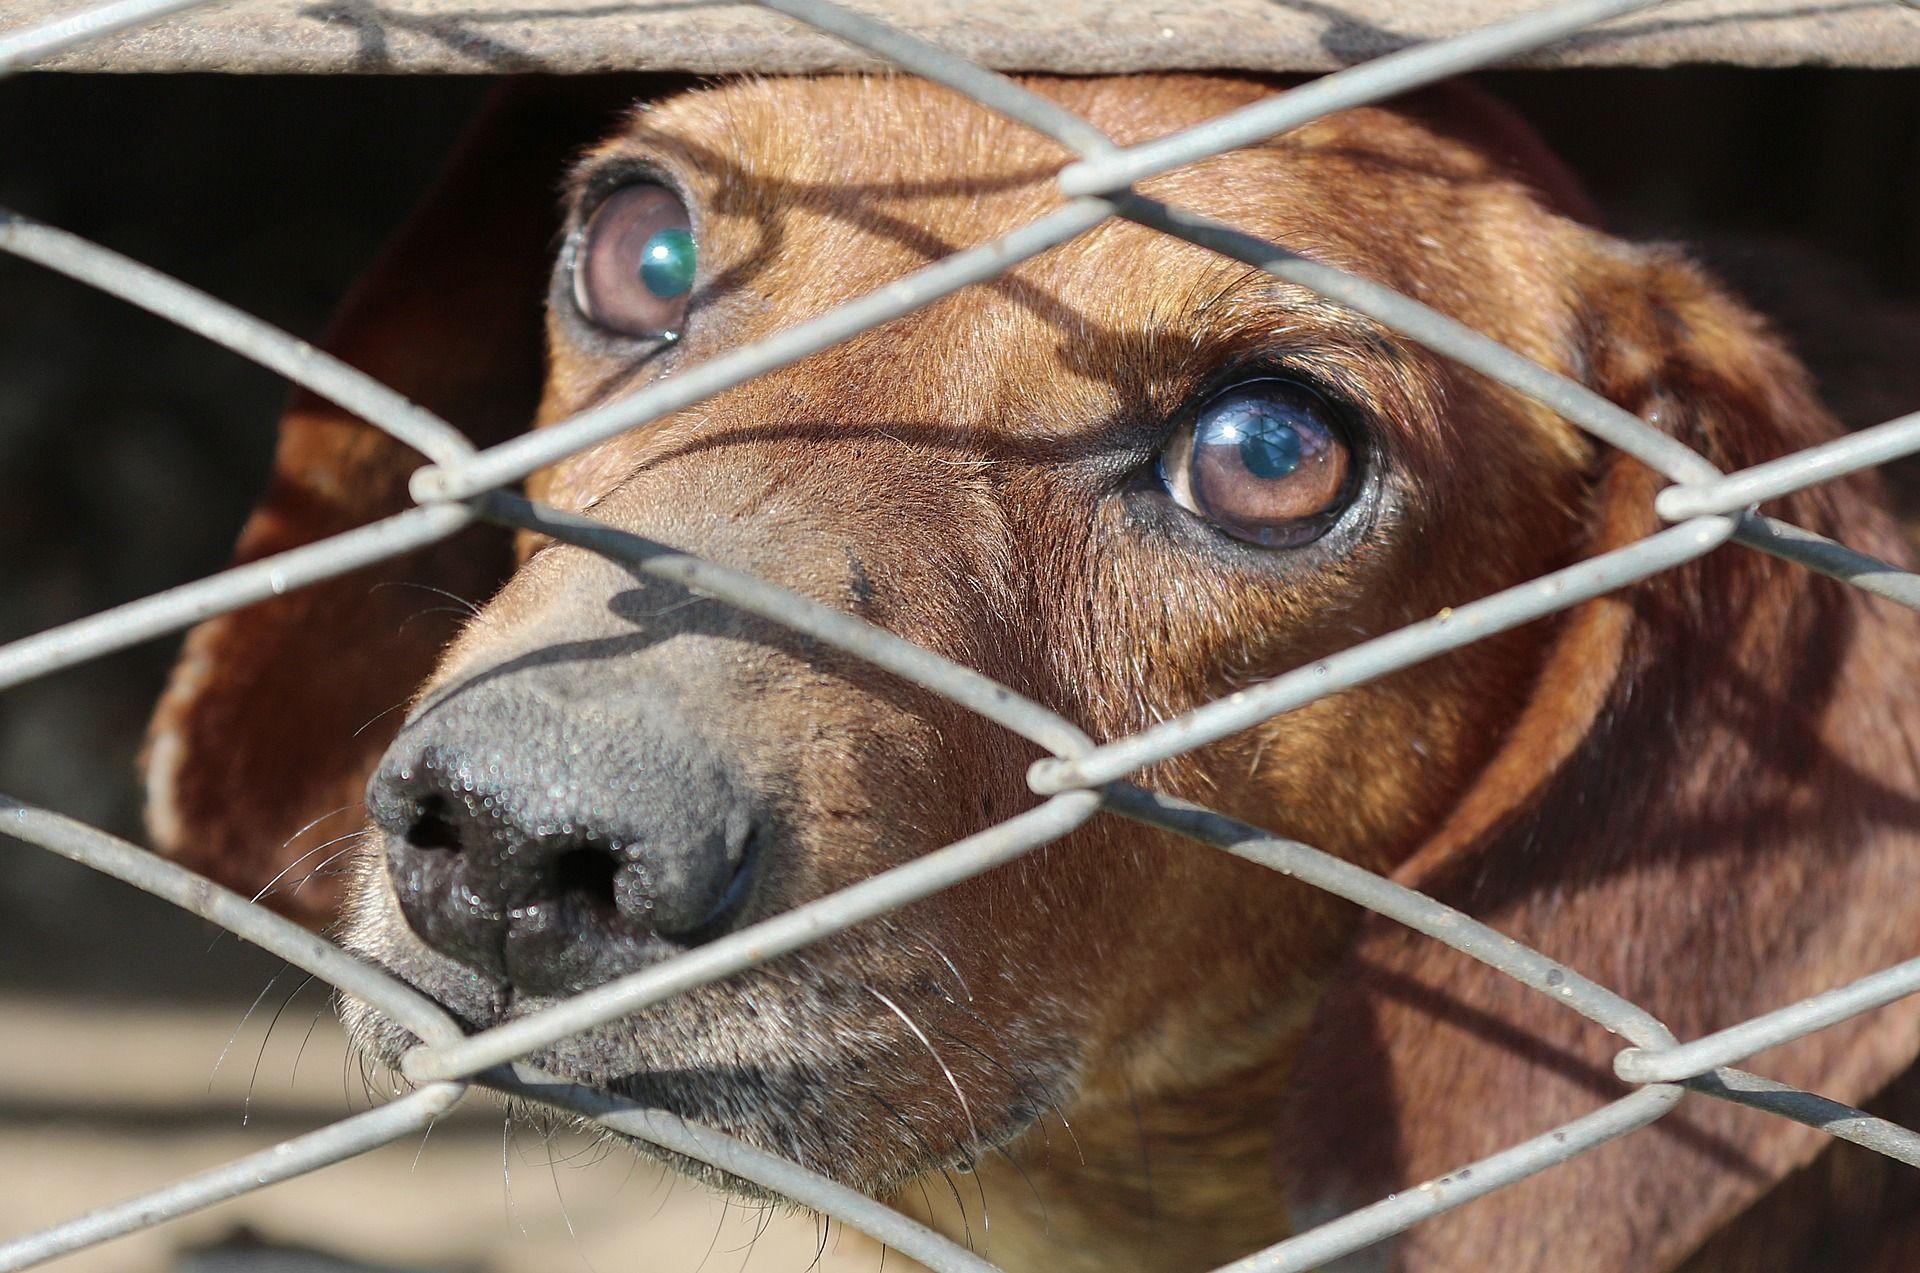 Hundezwinger Onlineshop 30 Jetzt Gunstig Kaufen Mit Bildern Hundezwinger Tierheim Hunde